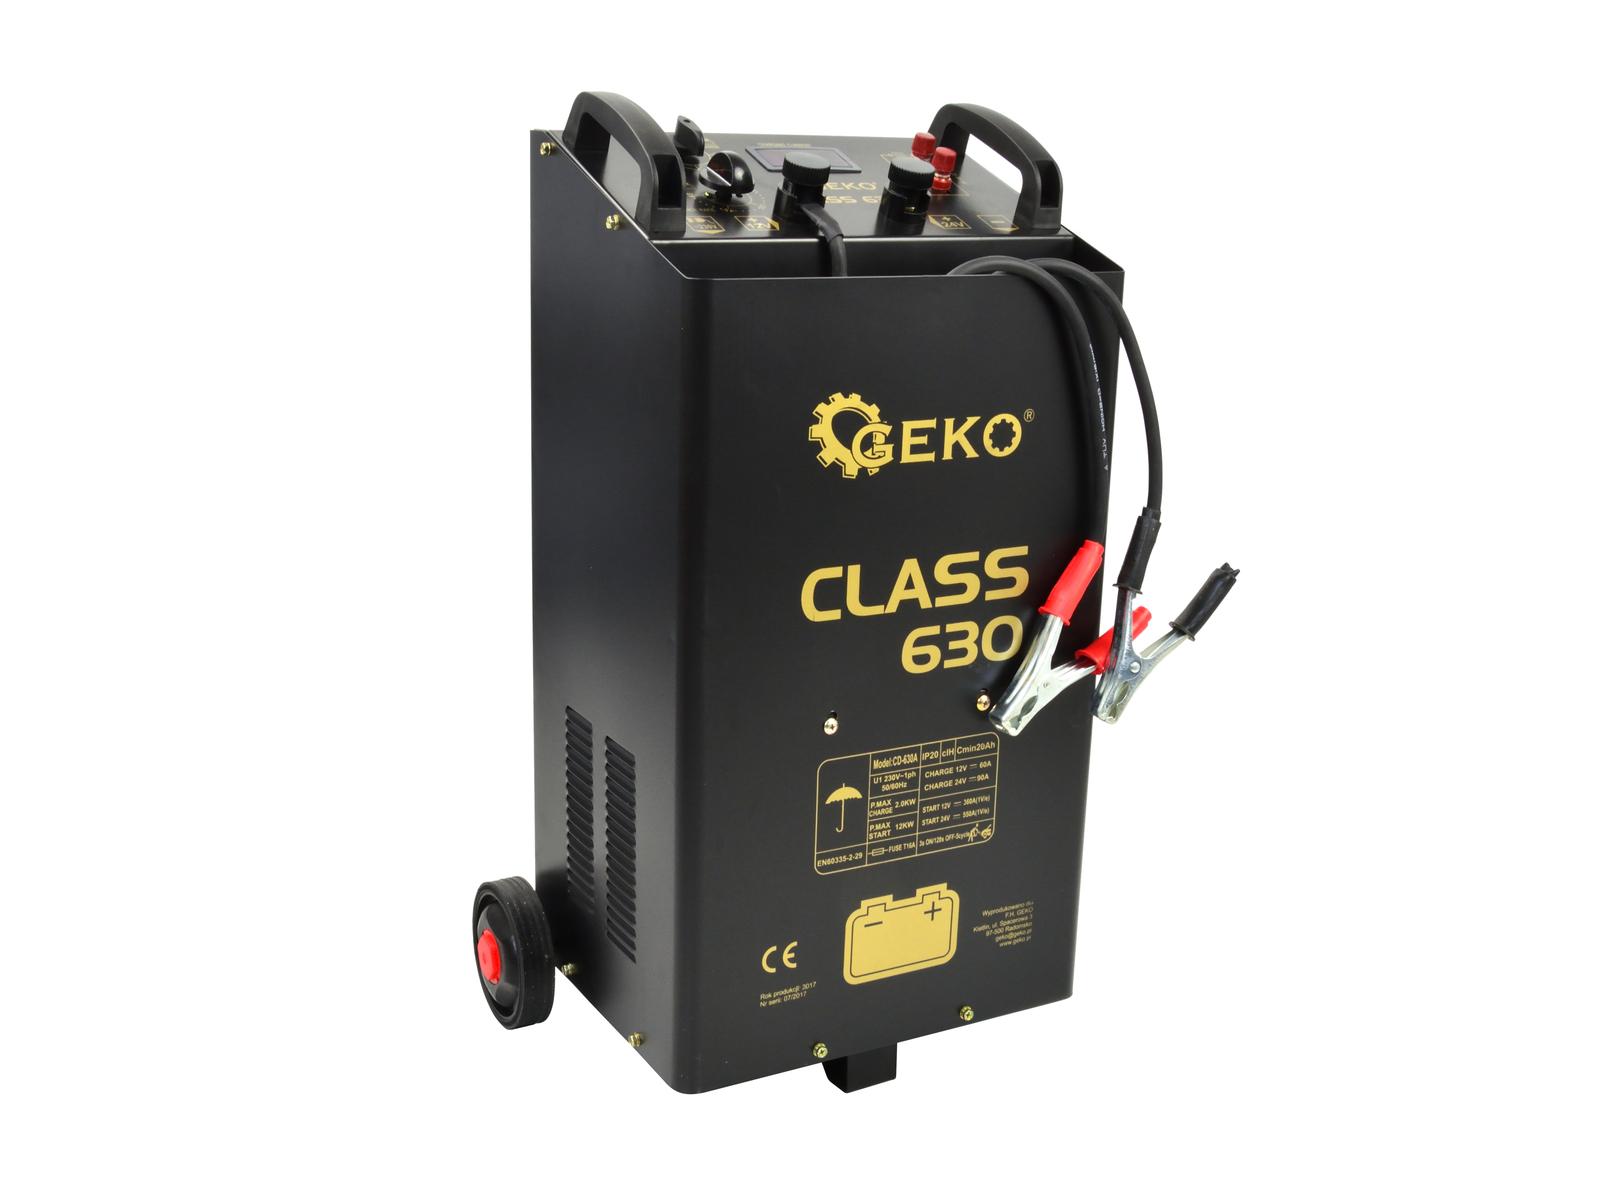 GEKO G80026 Nabíjecí a startovací zdroj CLASS 630